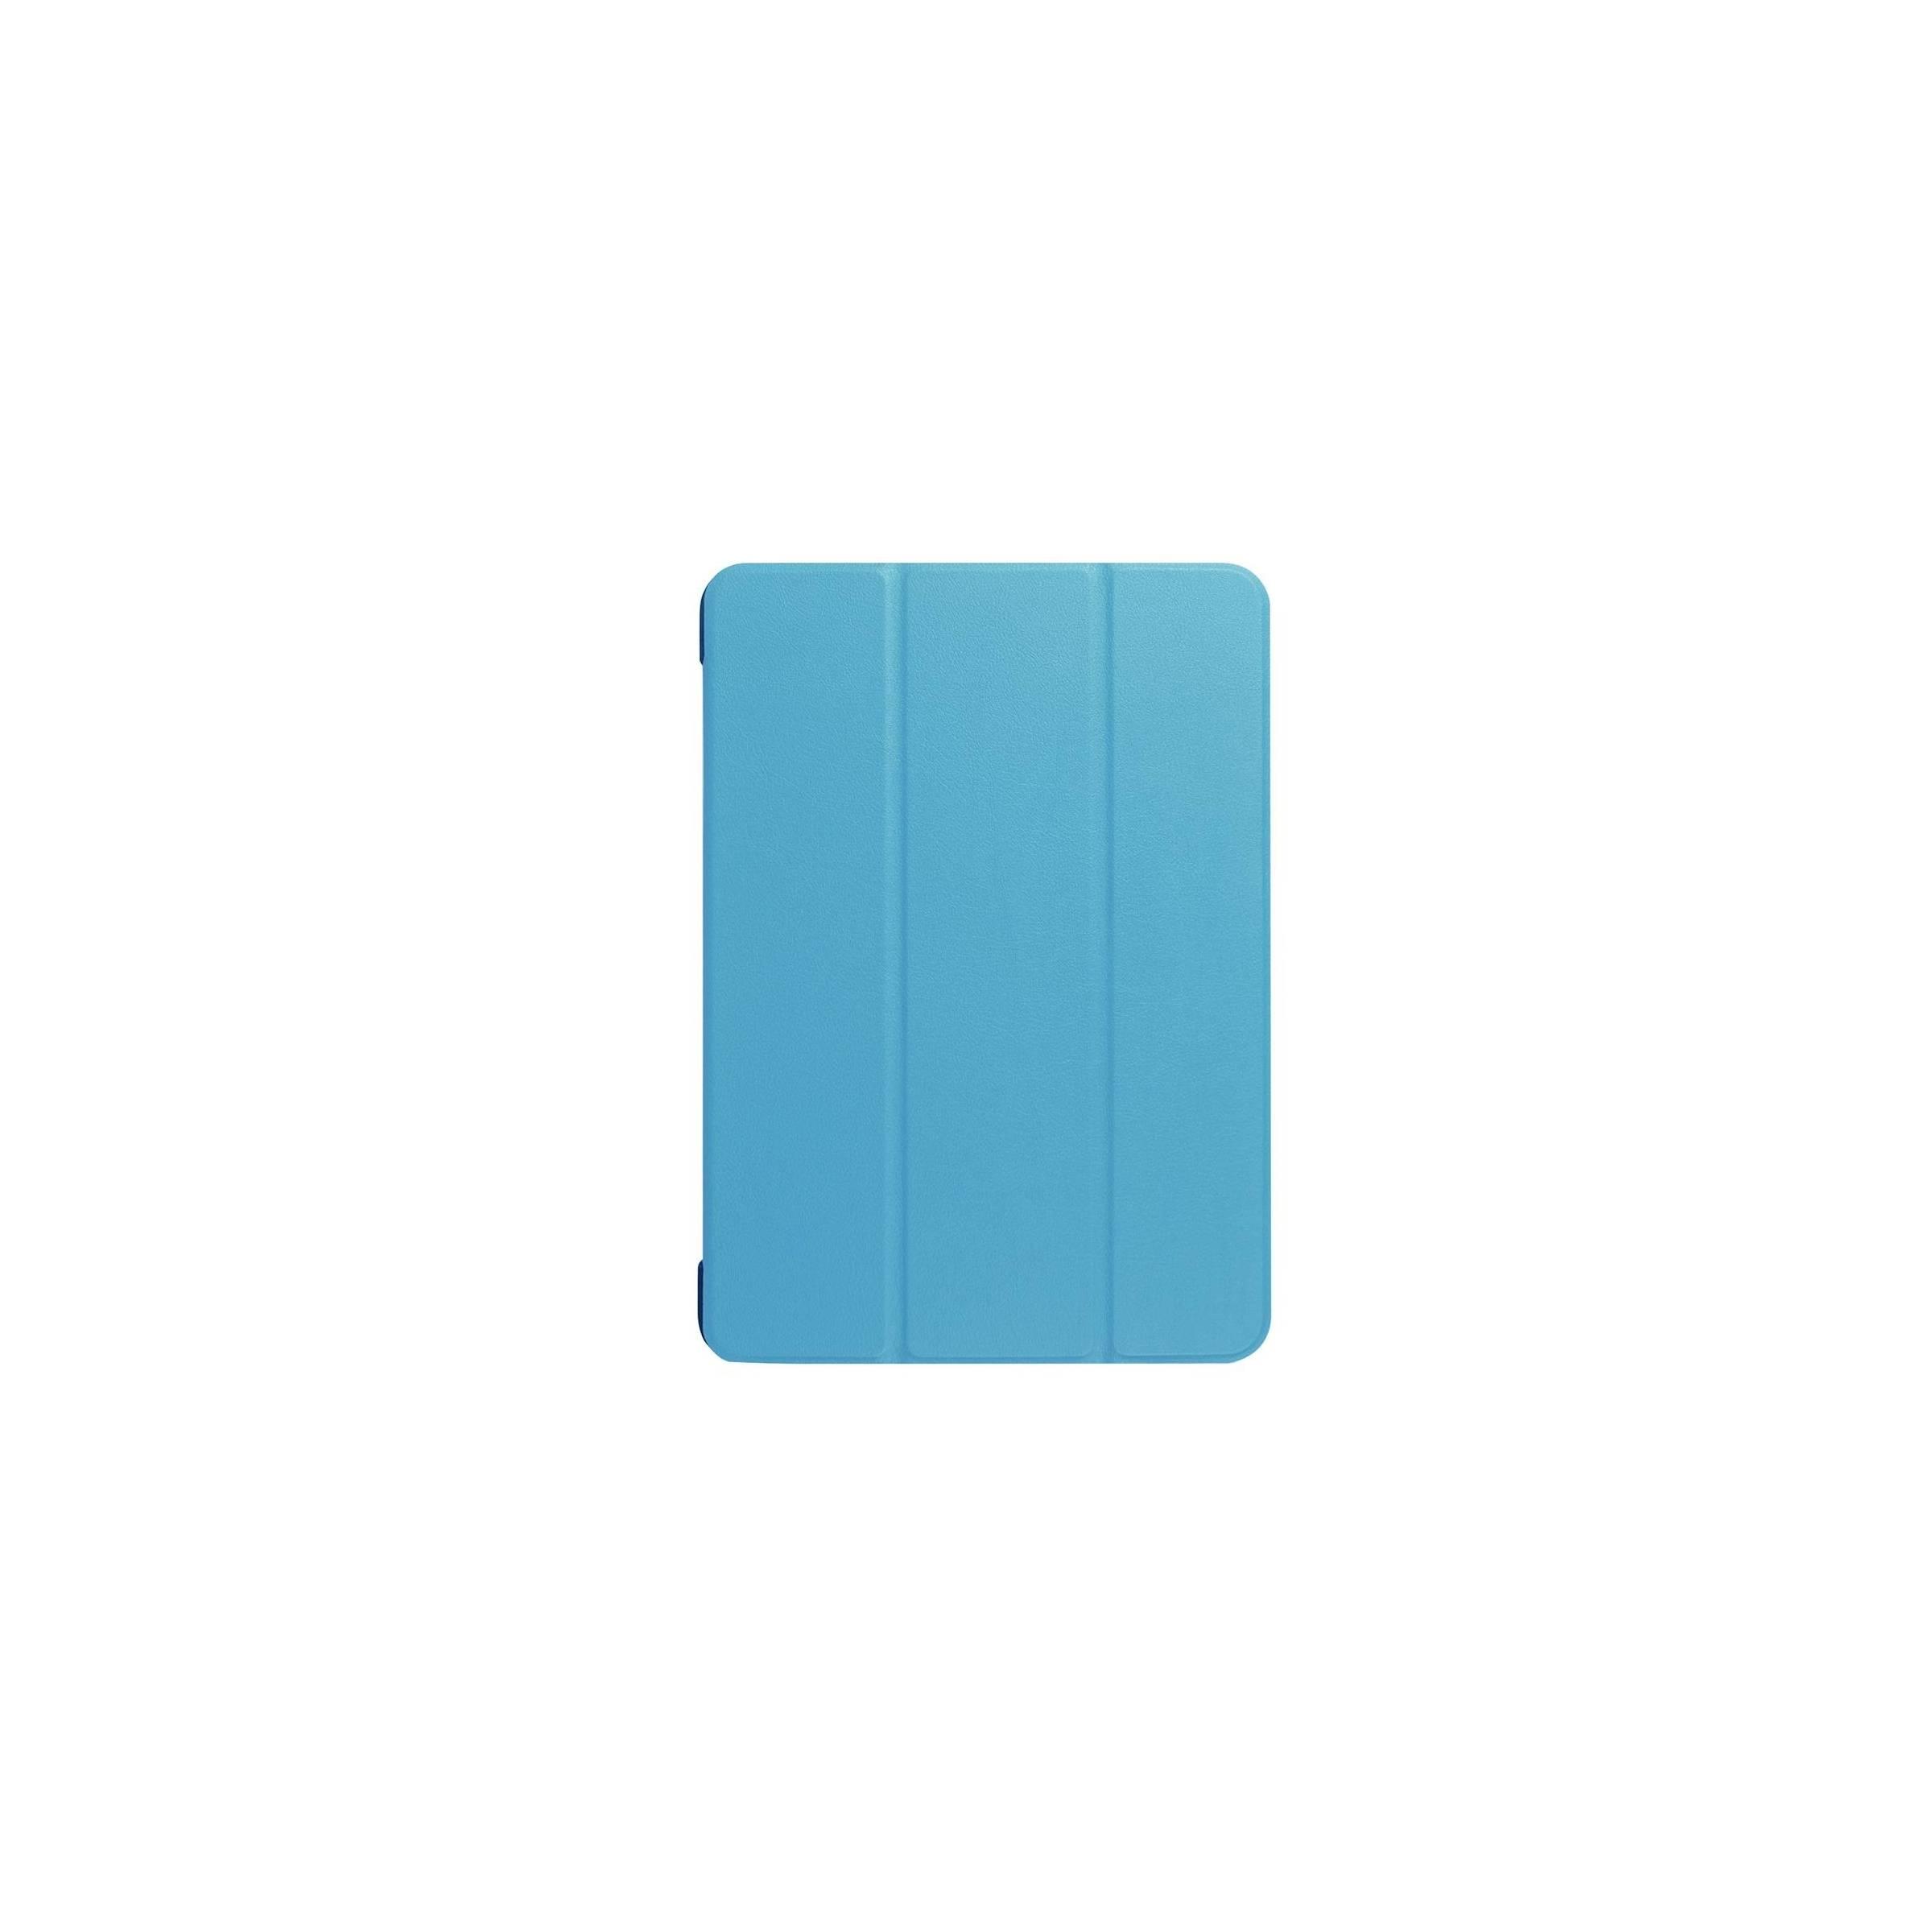 """Ipad pro 10,5""""/air 3 cover med bagside og smartcover farve lyseblå fra kina oem på mackabler.dk"""